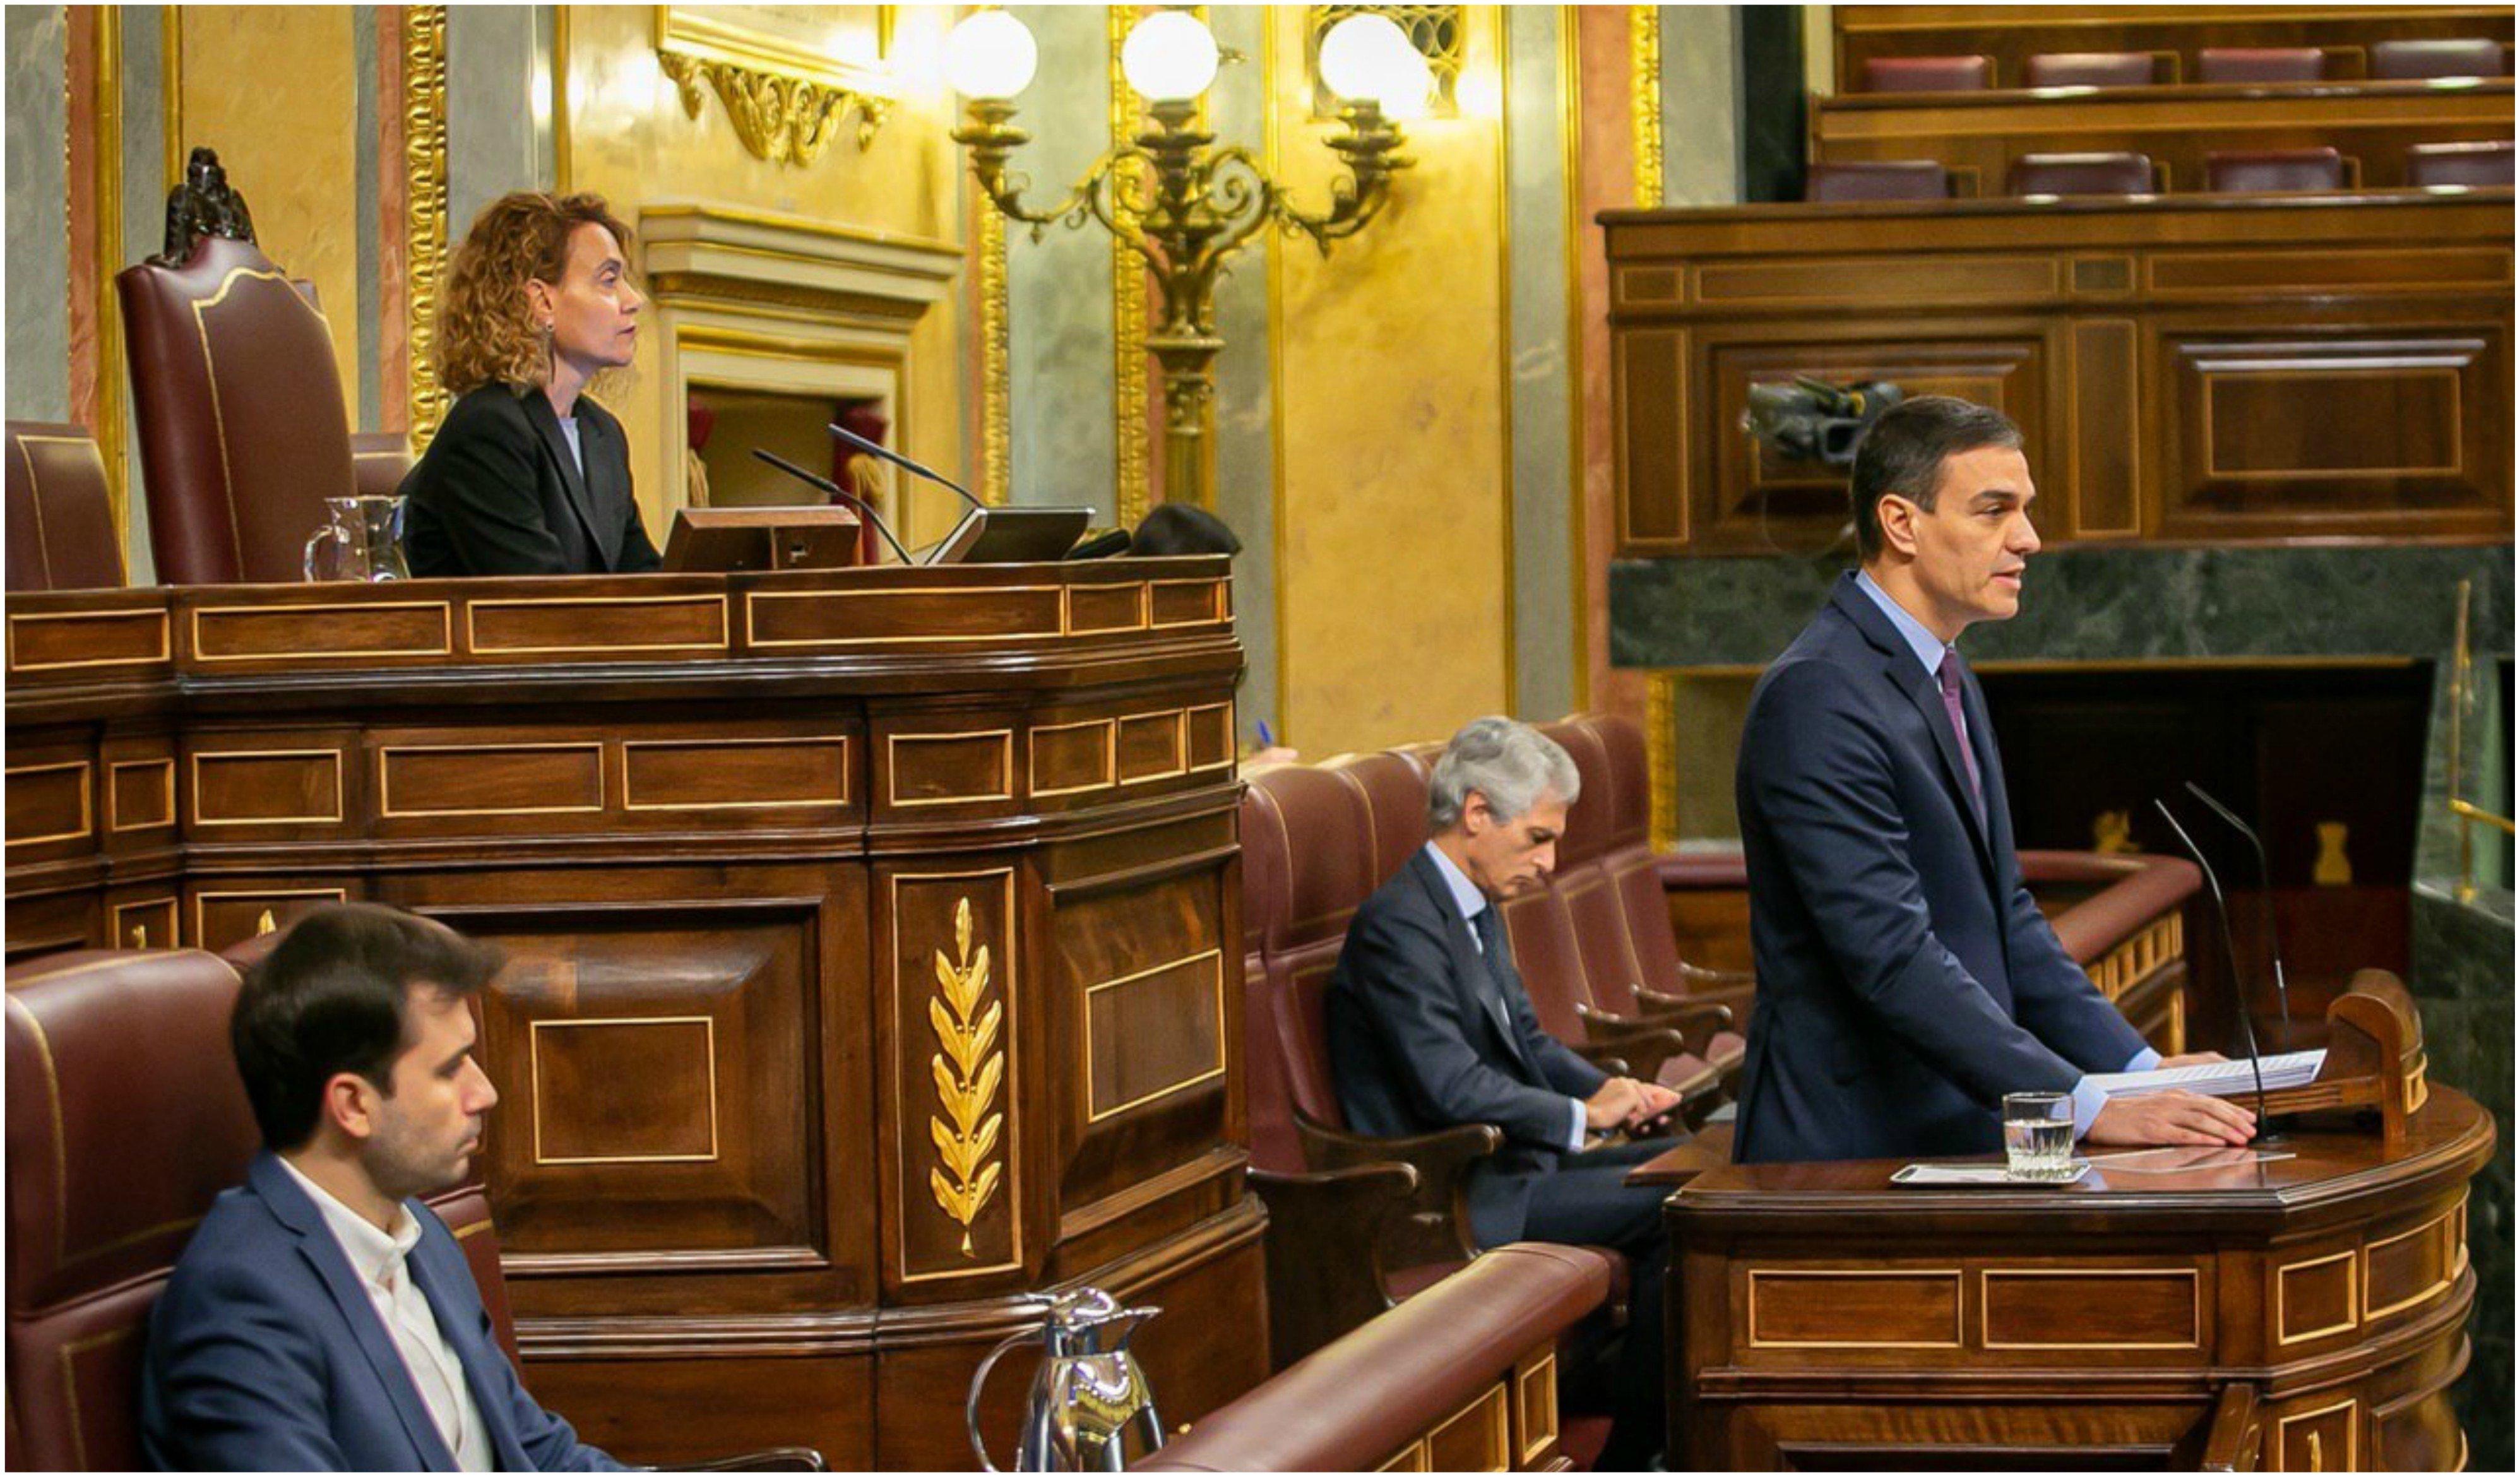 """Pedro Sánchez trata de justificar sus graves errores de gestión pero no se disculpa: """"Se decretó el estado de alarma cuando se tuvo la certeza de que era imprescindible"""""""